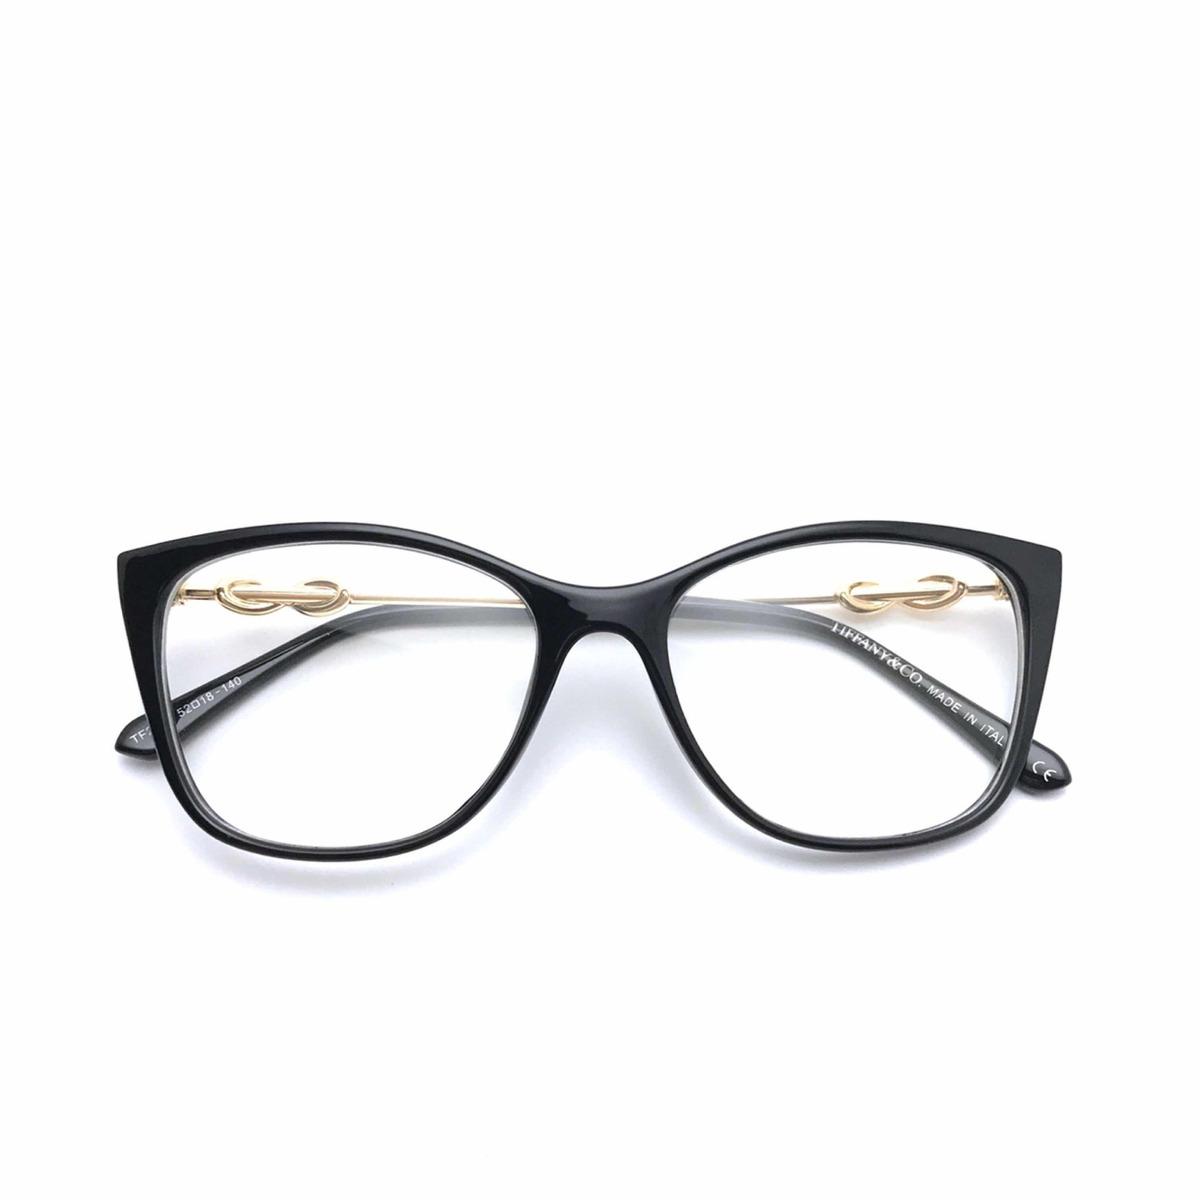 cee57f48c Armação Óculos De Grau Feminino Gatinho Preto - R$ 139,00 em Mercado ...